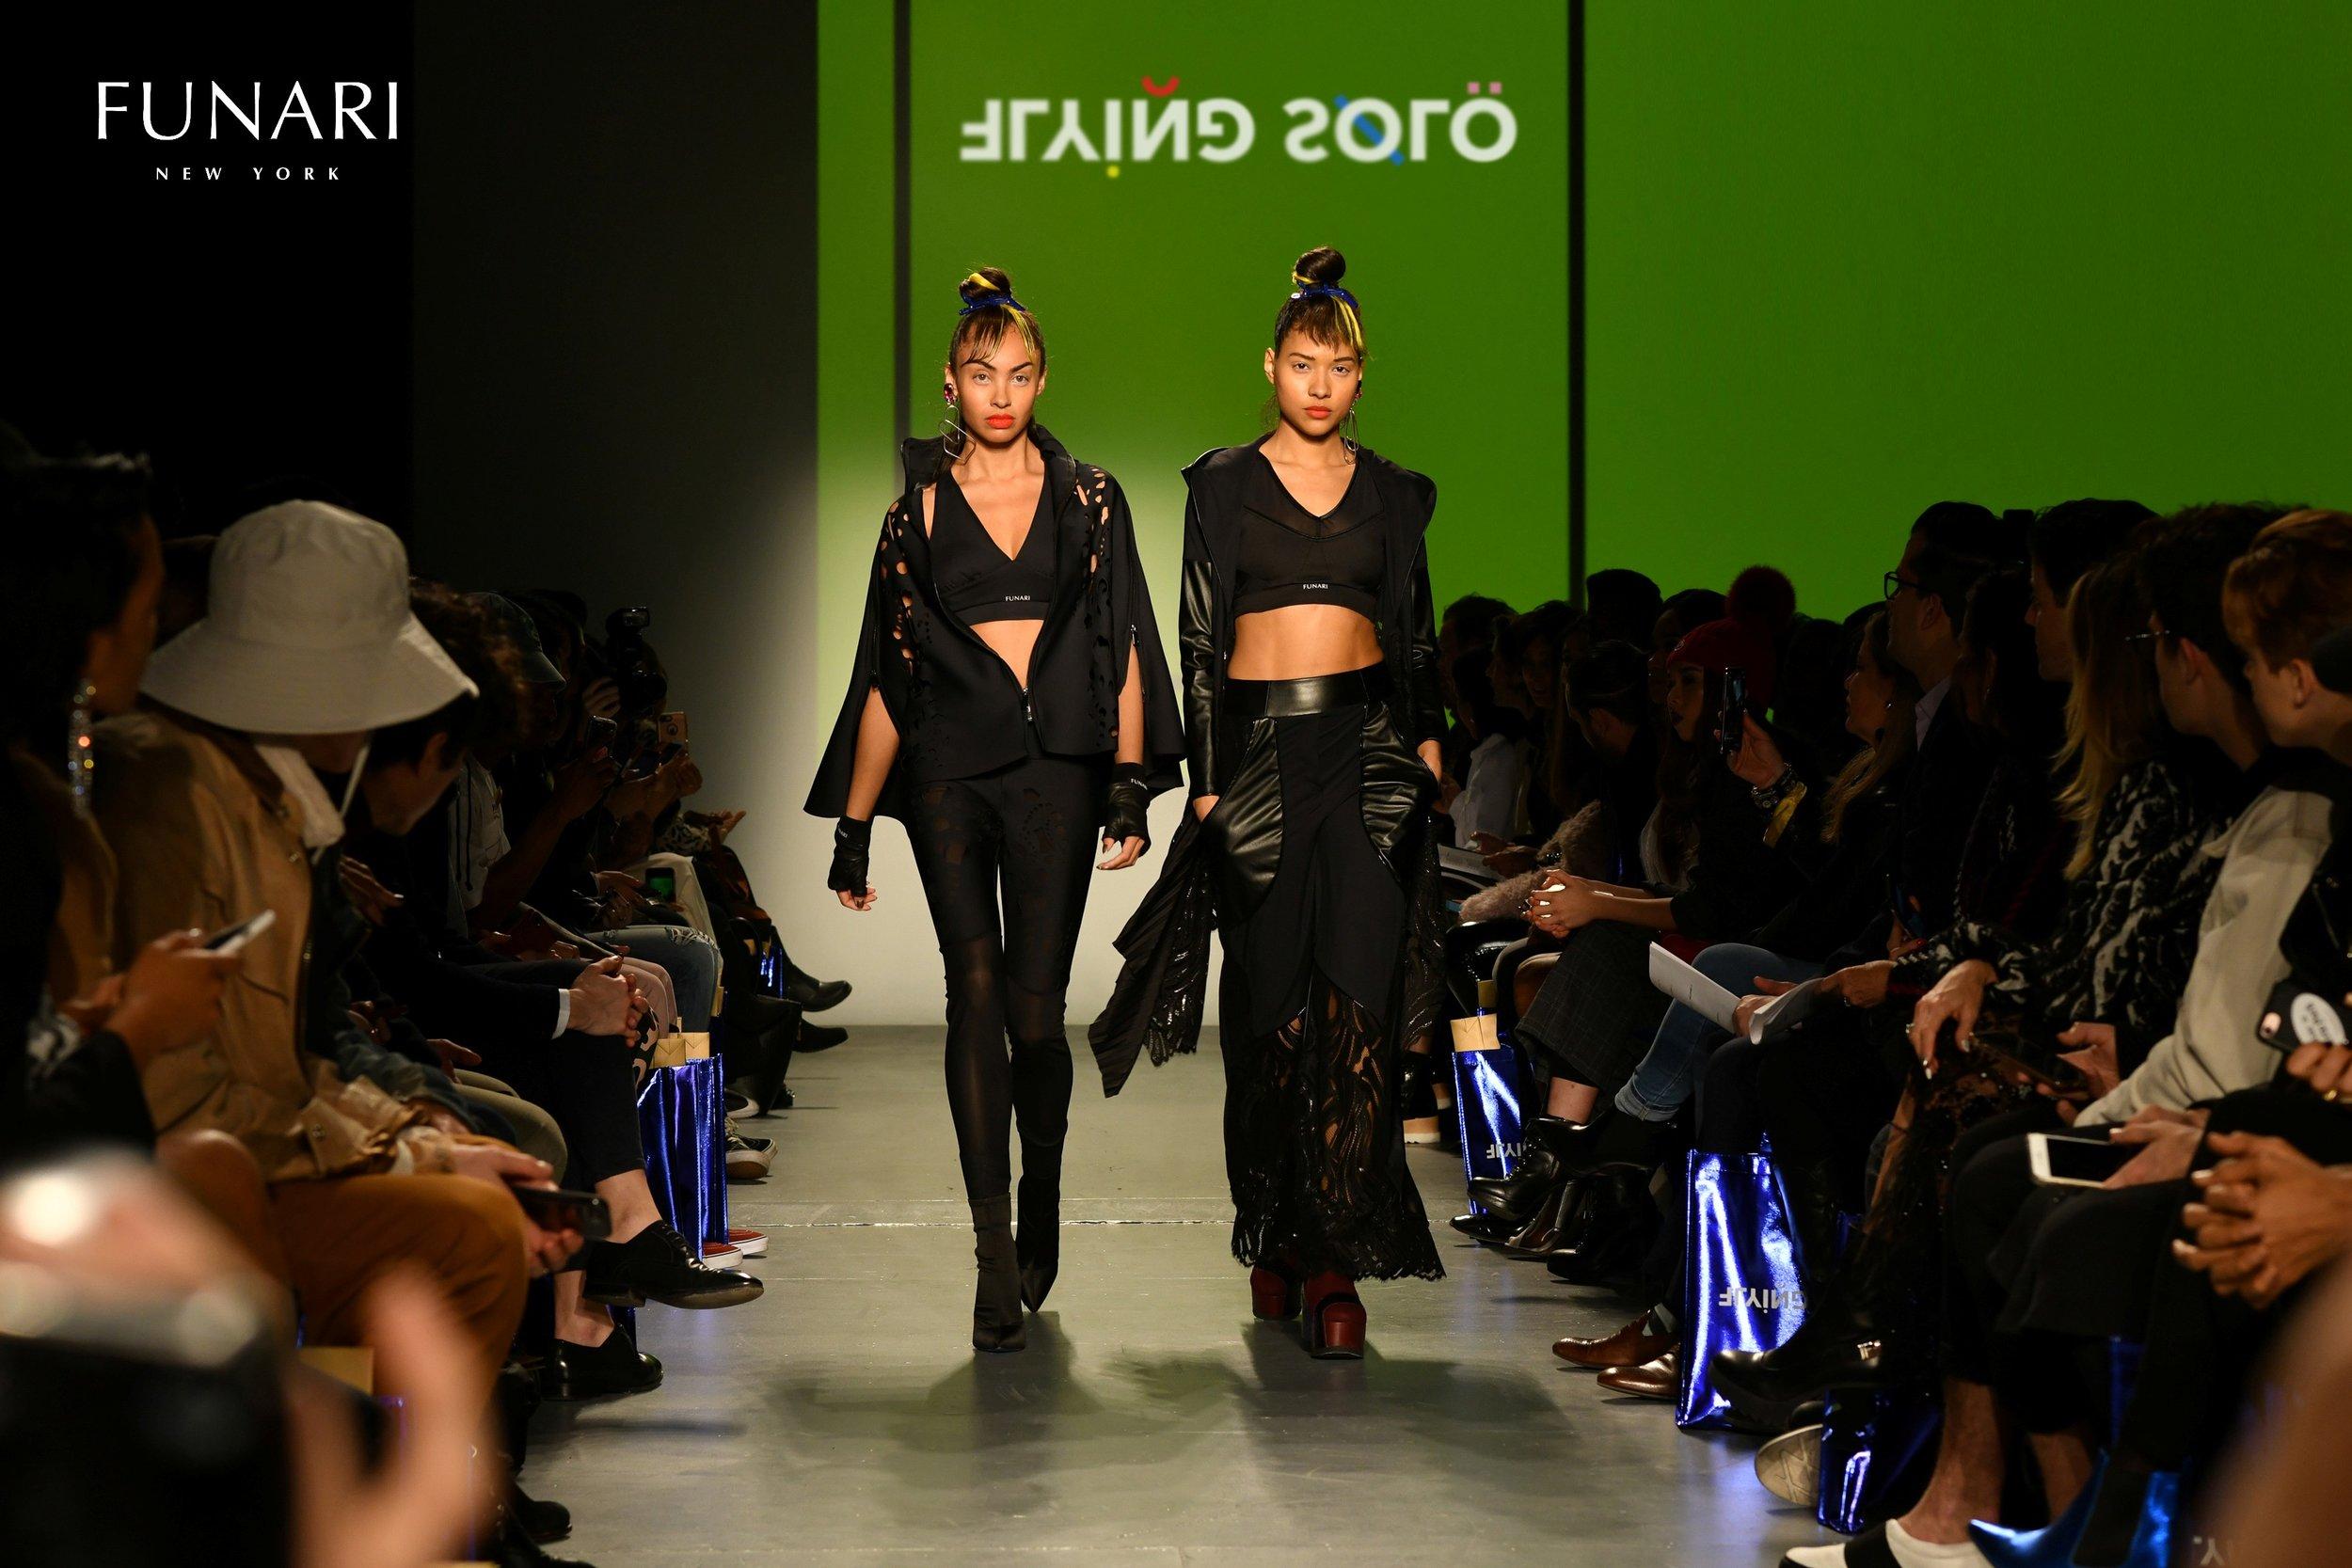 FLYING SOLO LOGO JANELLE FUNARI - CLOTHING %2F MARITA MORENO - SHOES %2F IZA BY SILVIA D'AVILA - JEWELRY.jpg